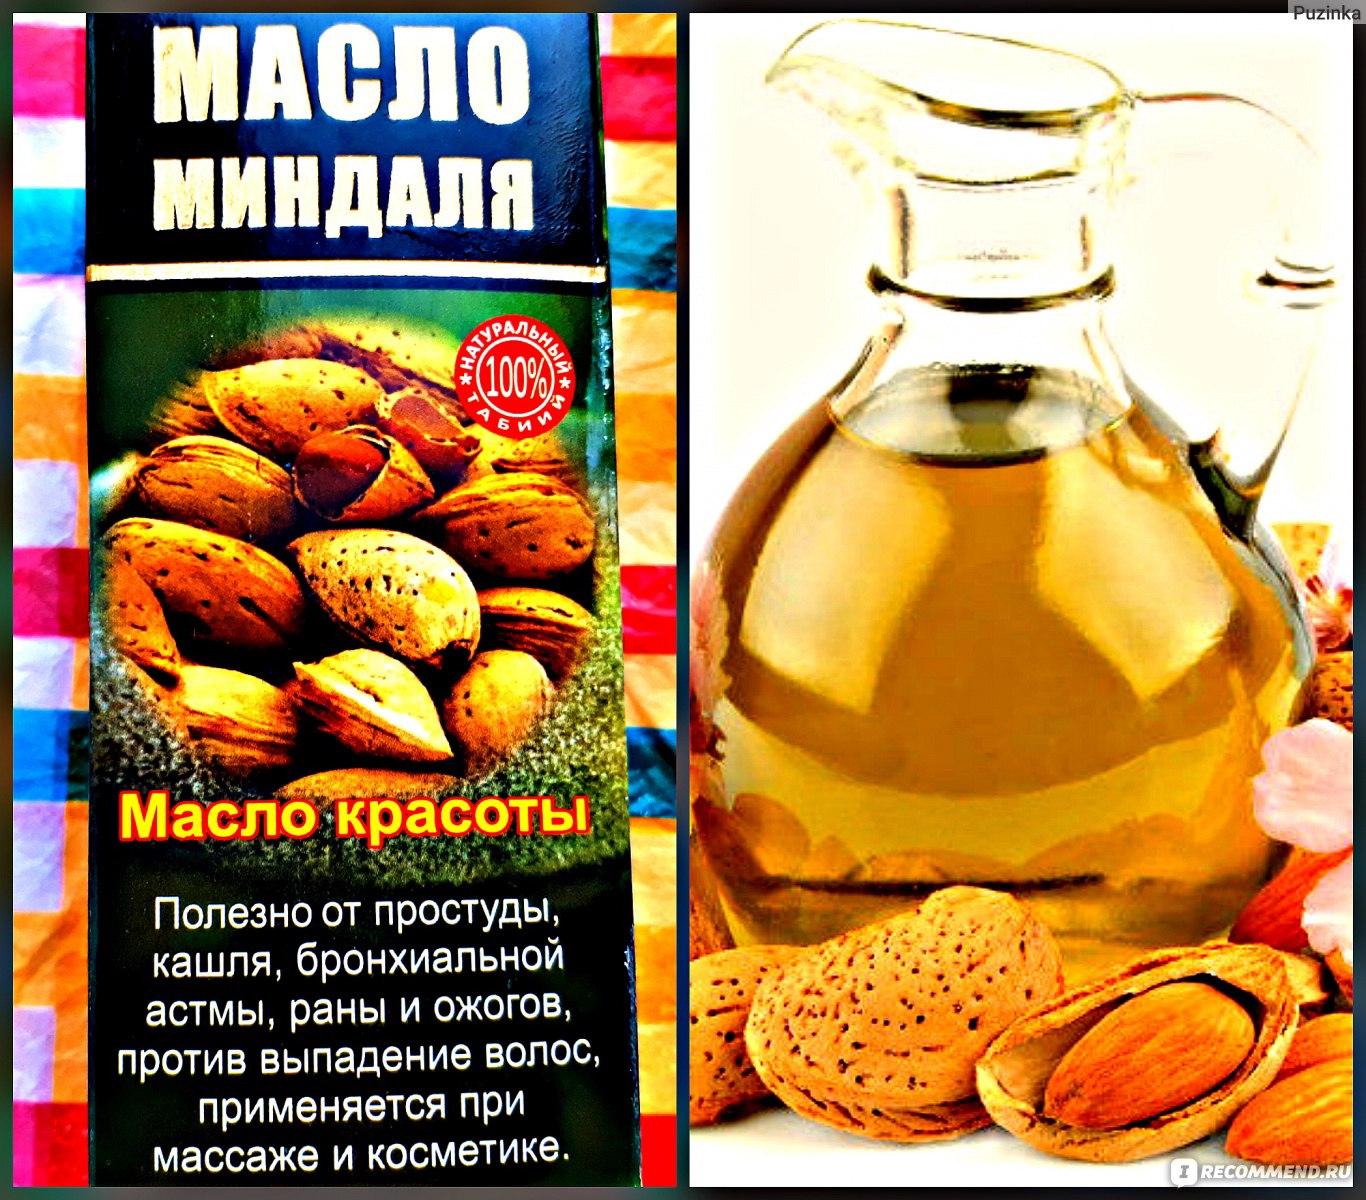 Миндальное масло для роста ресниц. Миндальное масло для ресниц: отзывы